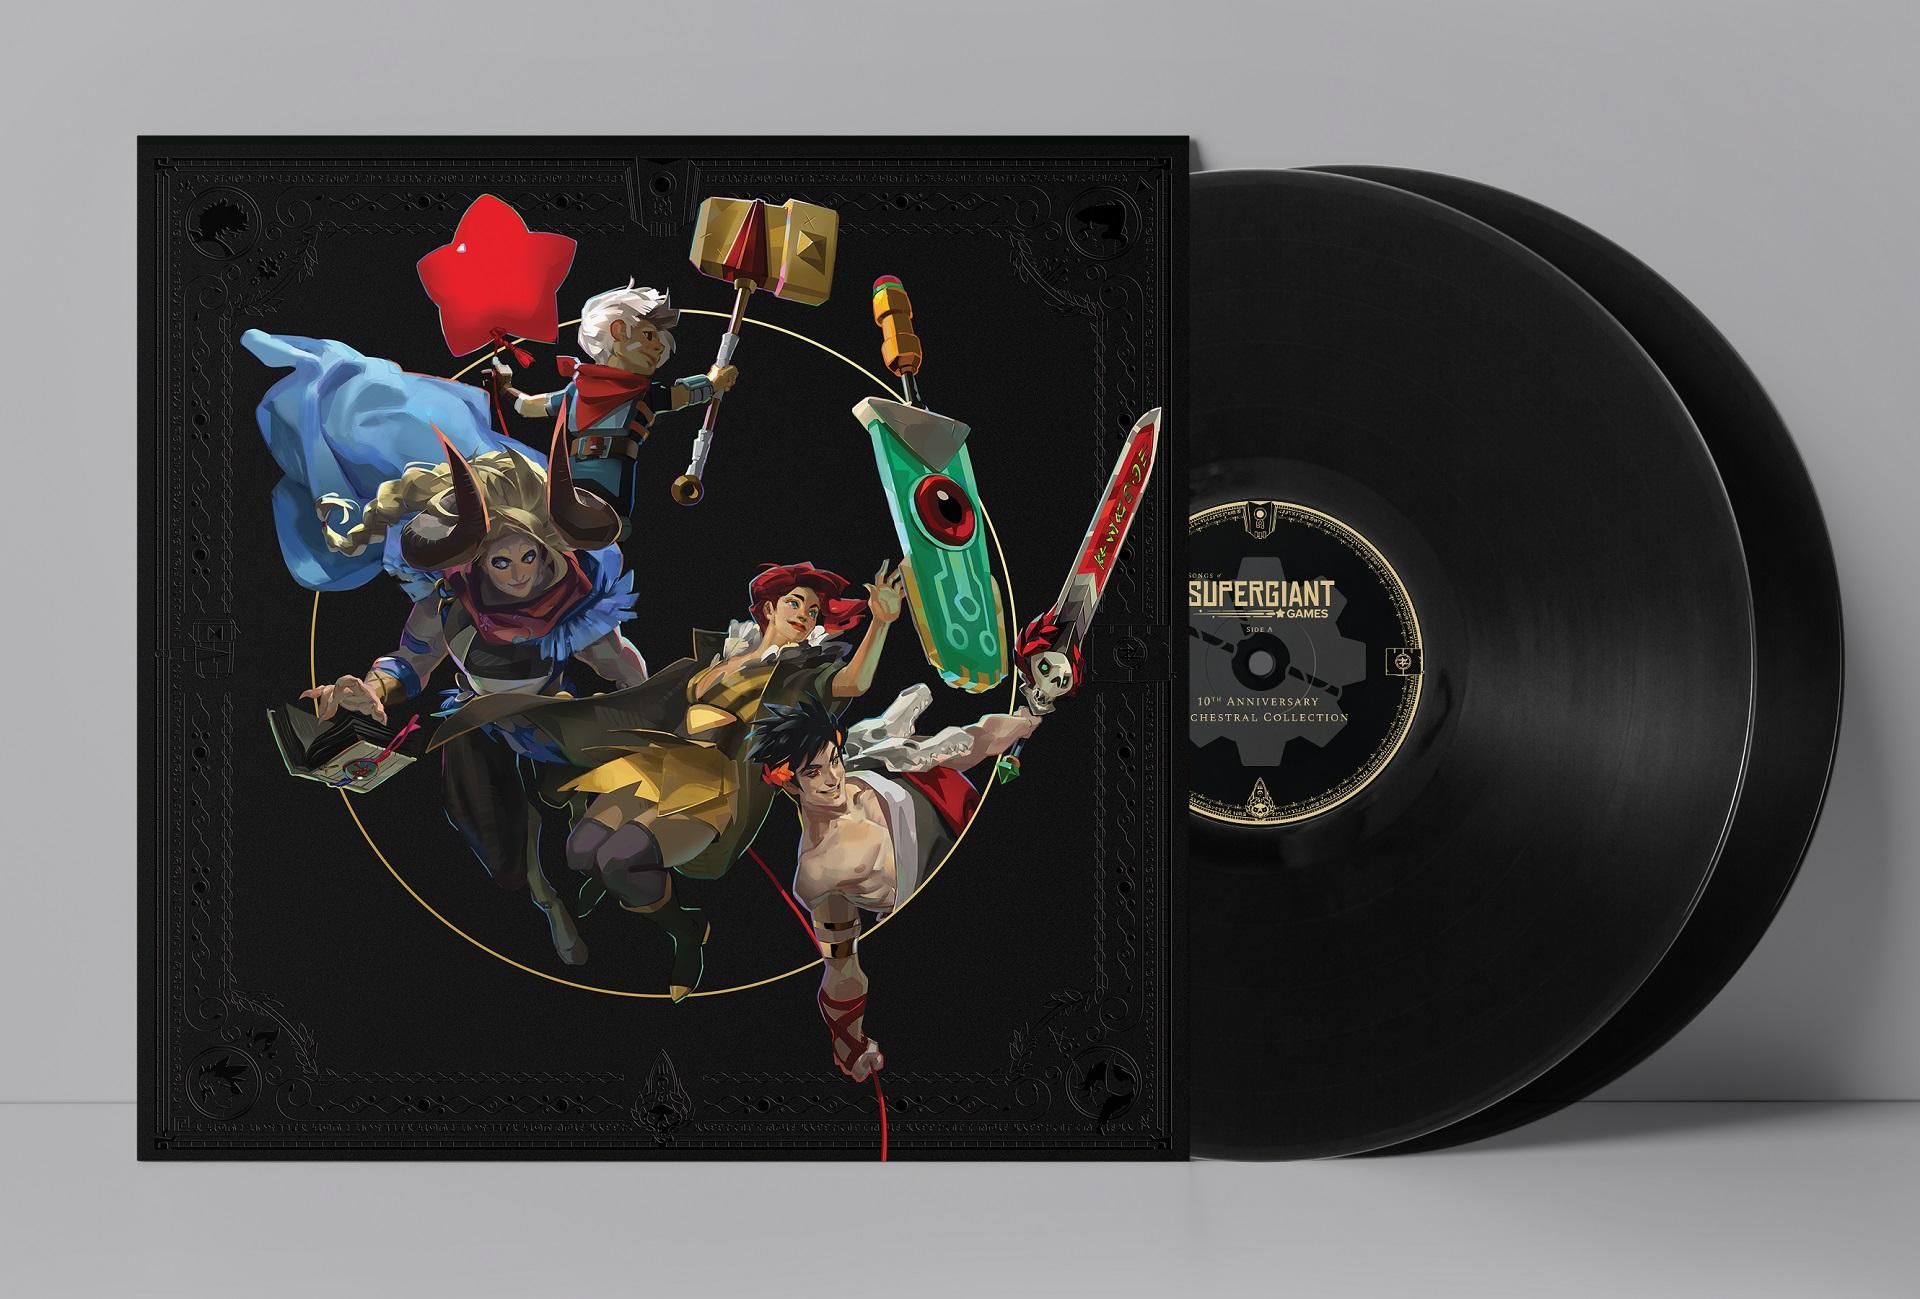 Supergiant Games - Vinyles édition limitée